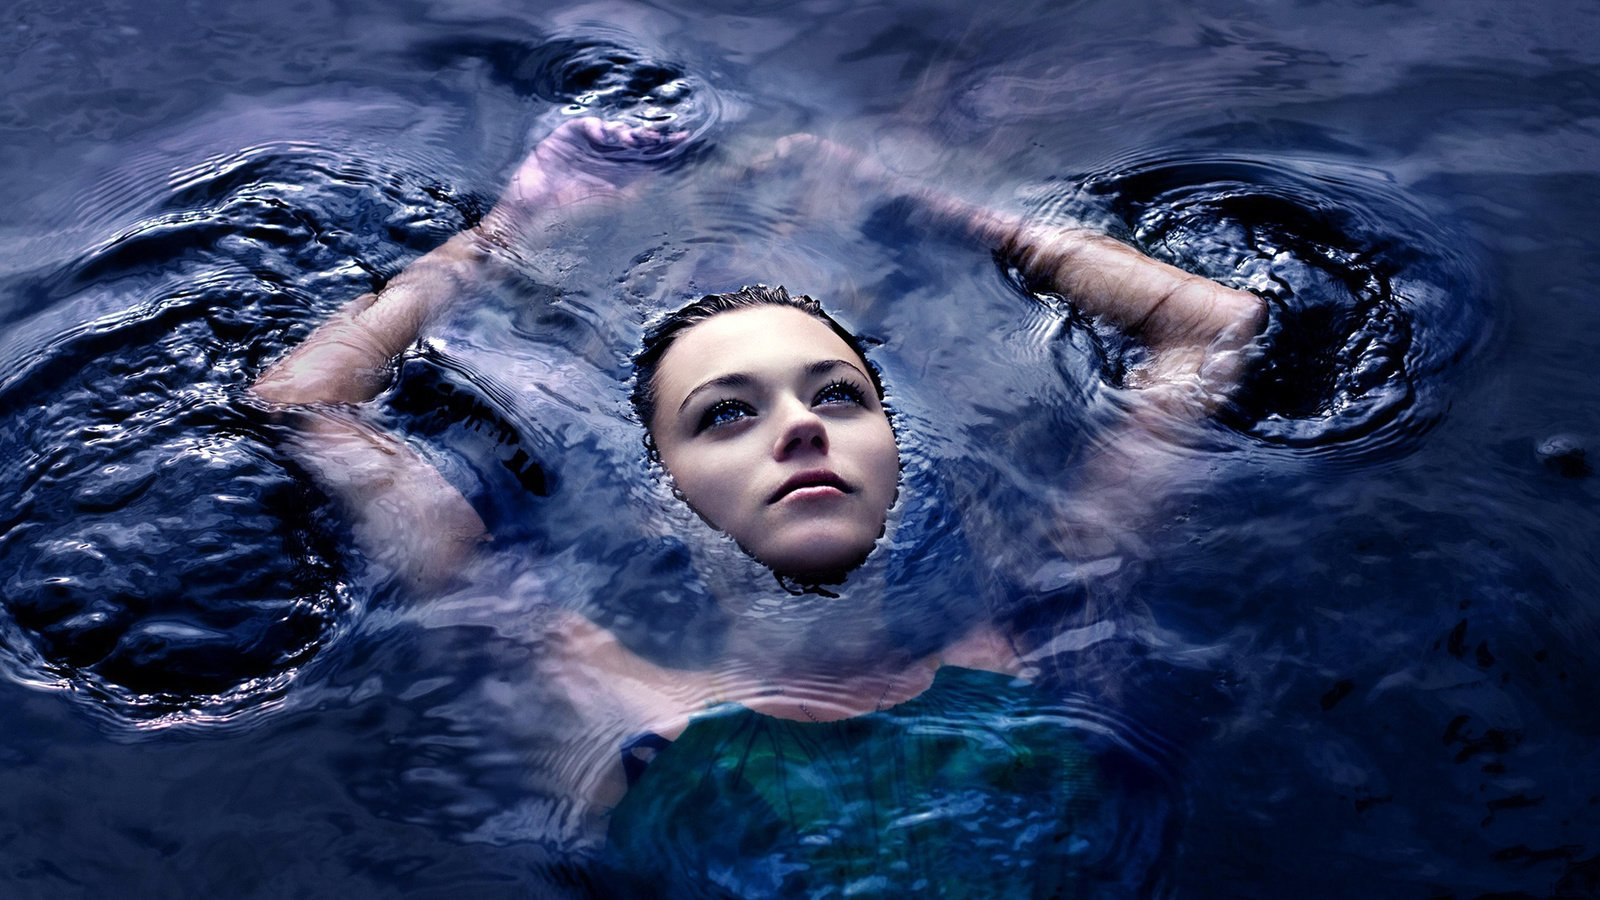 противопоказания сонник падать в воду зарубежные видеочаты одном